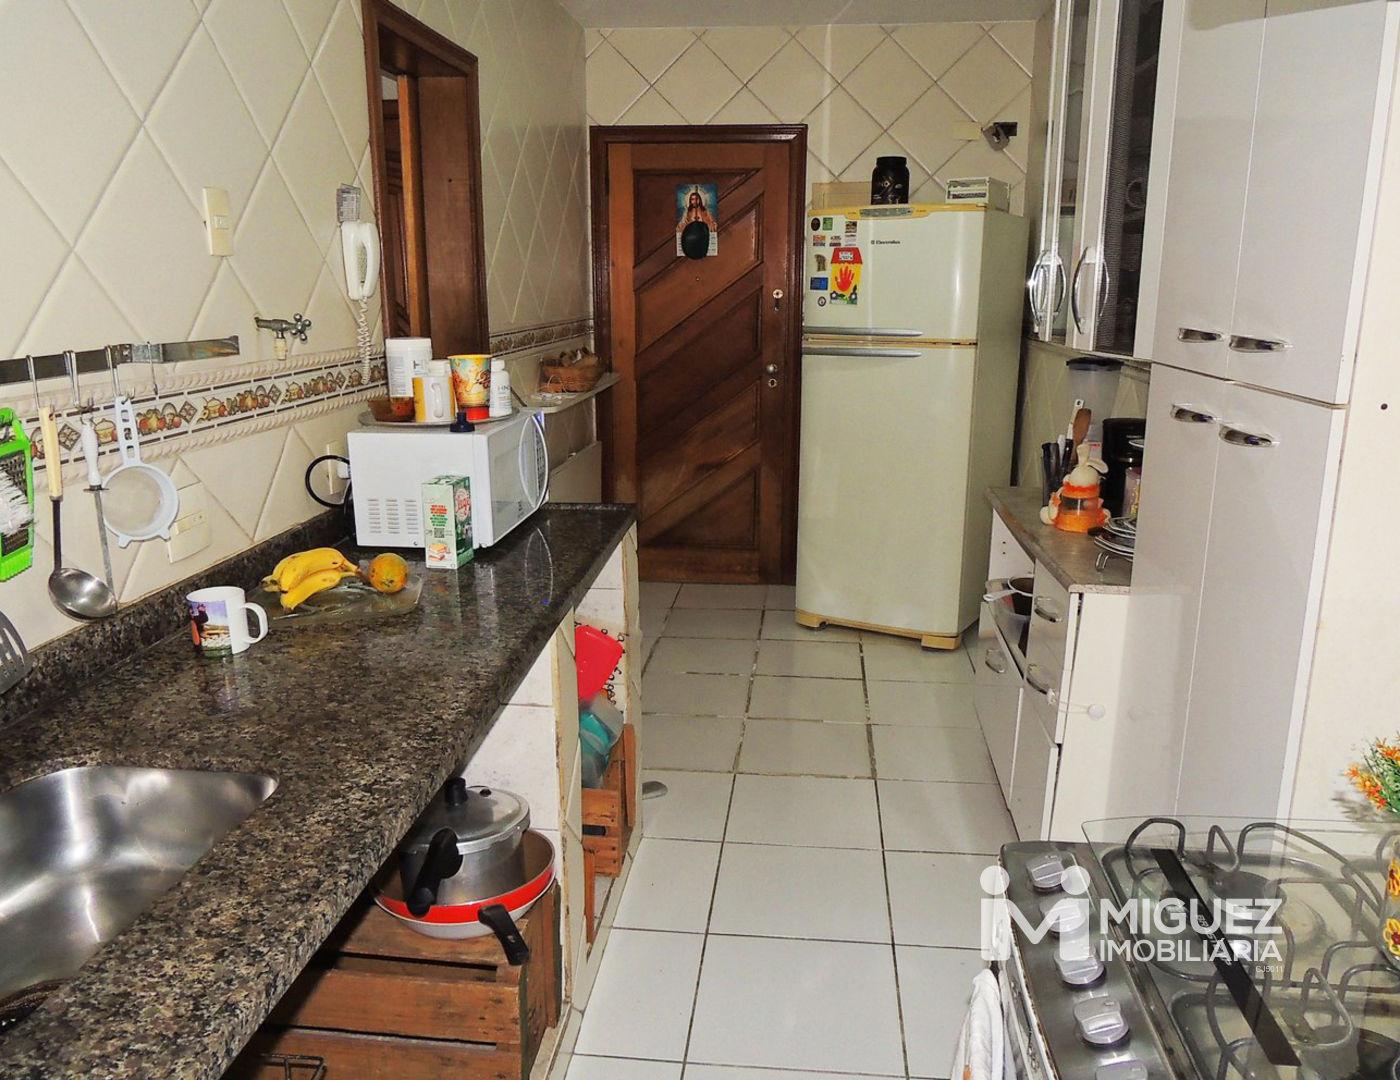 Apartamento, aluguel, Rua Pereira Nunes - Tijuca , Rio de janeiro